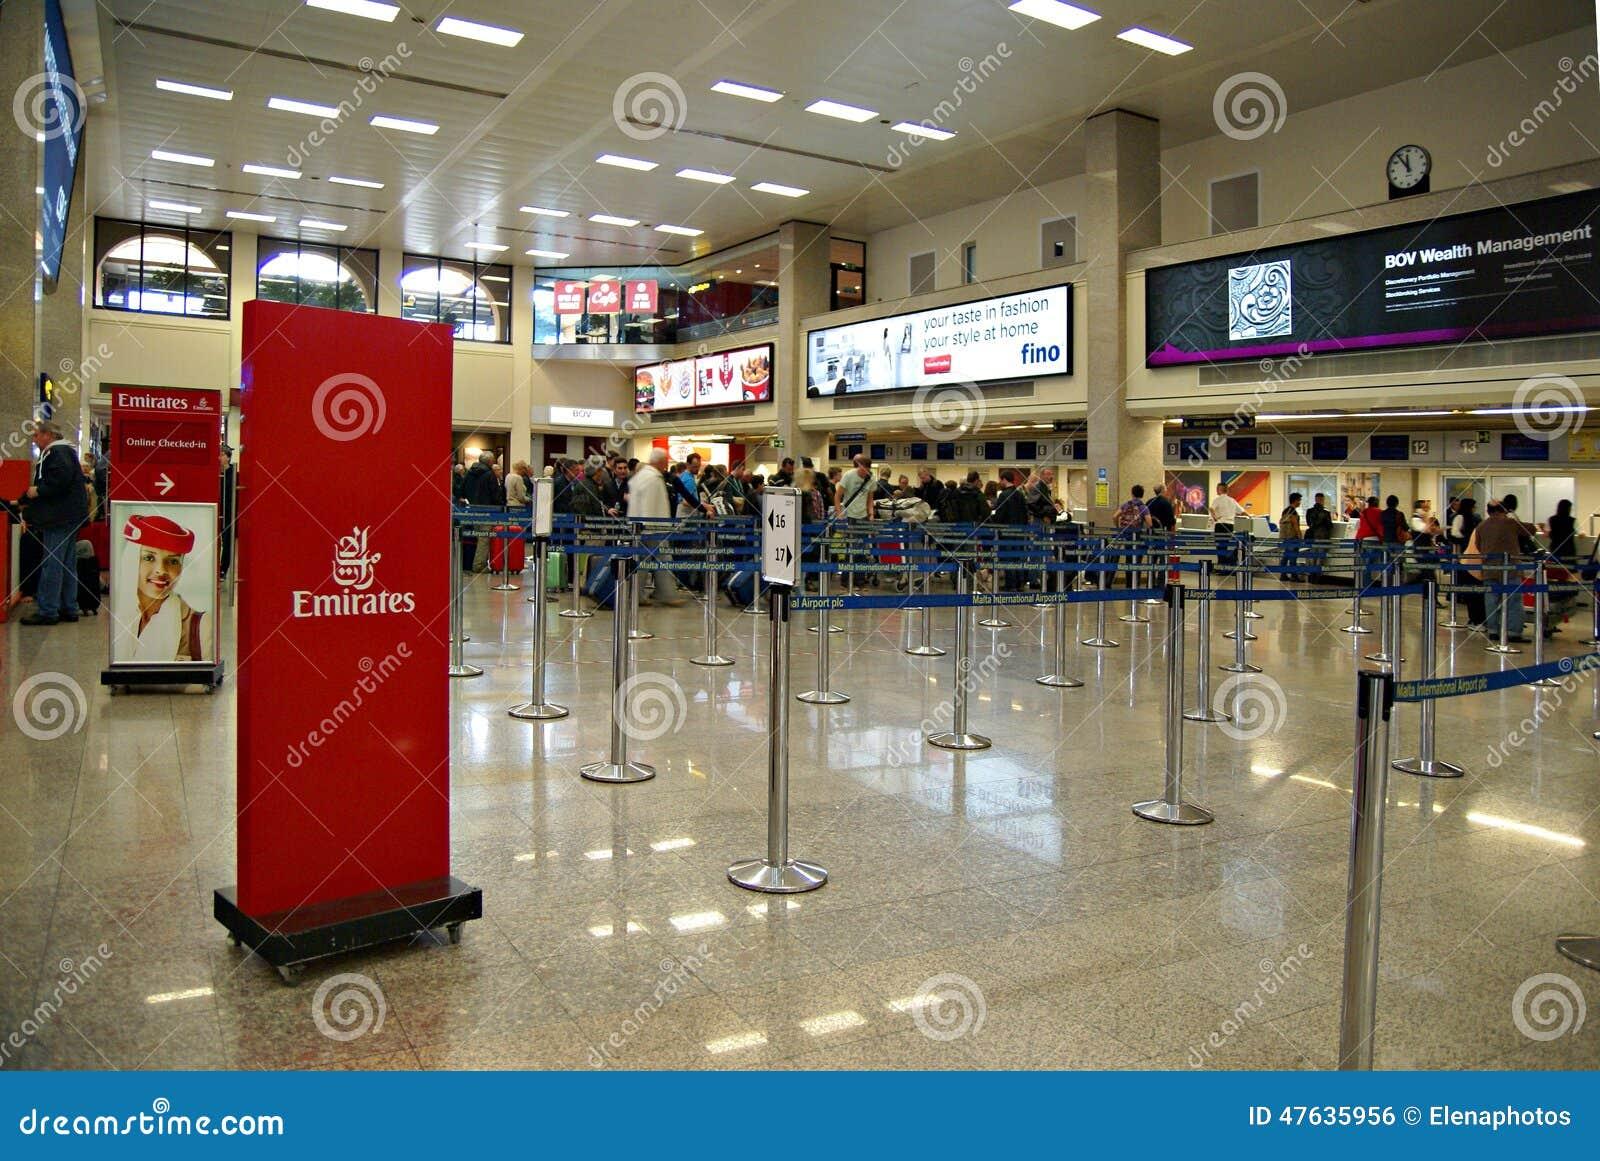 Aeroporto Malta : Terminale dell internazionale aeroporto di malta